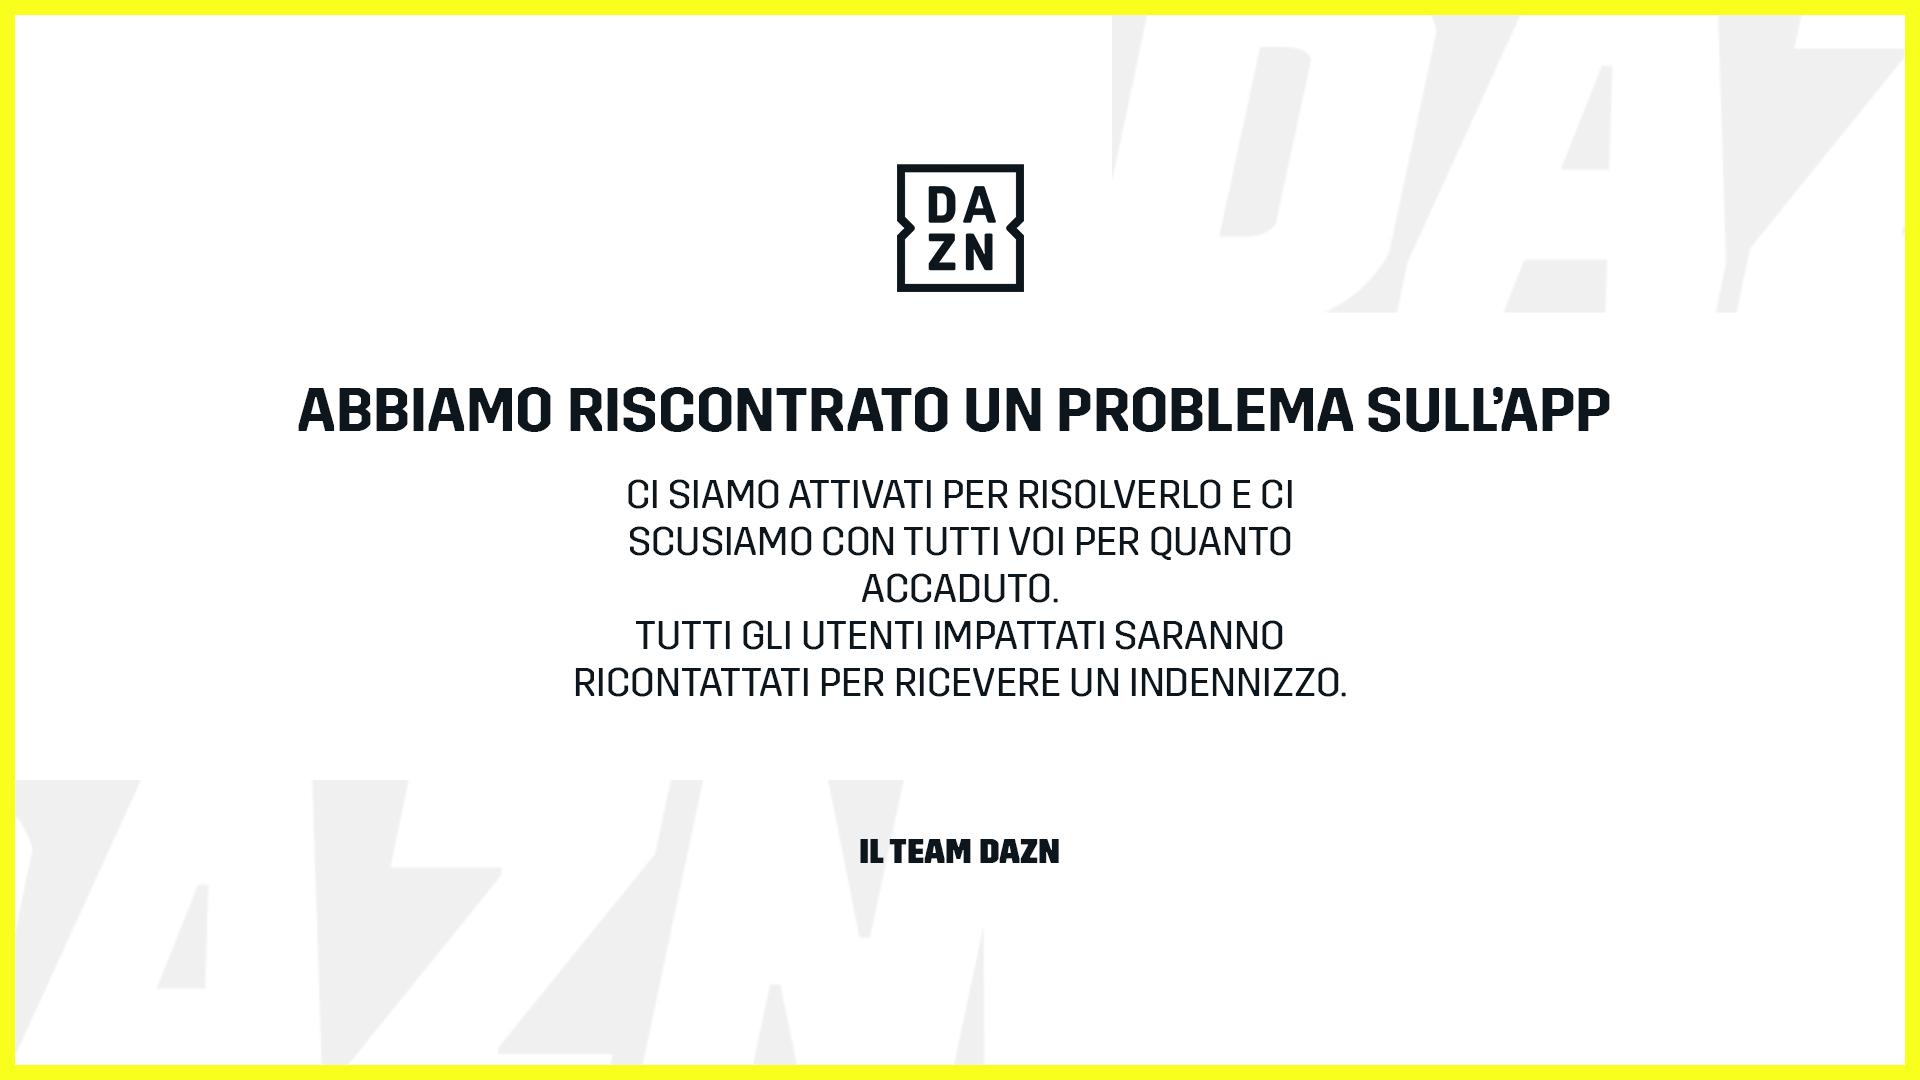 Problema tecnico DAZN durante Serie A, indenizzo agli utenti impattati